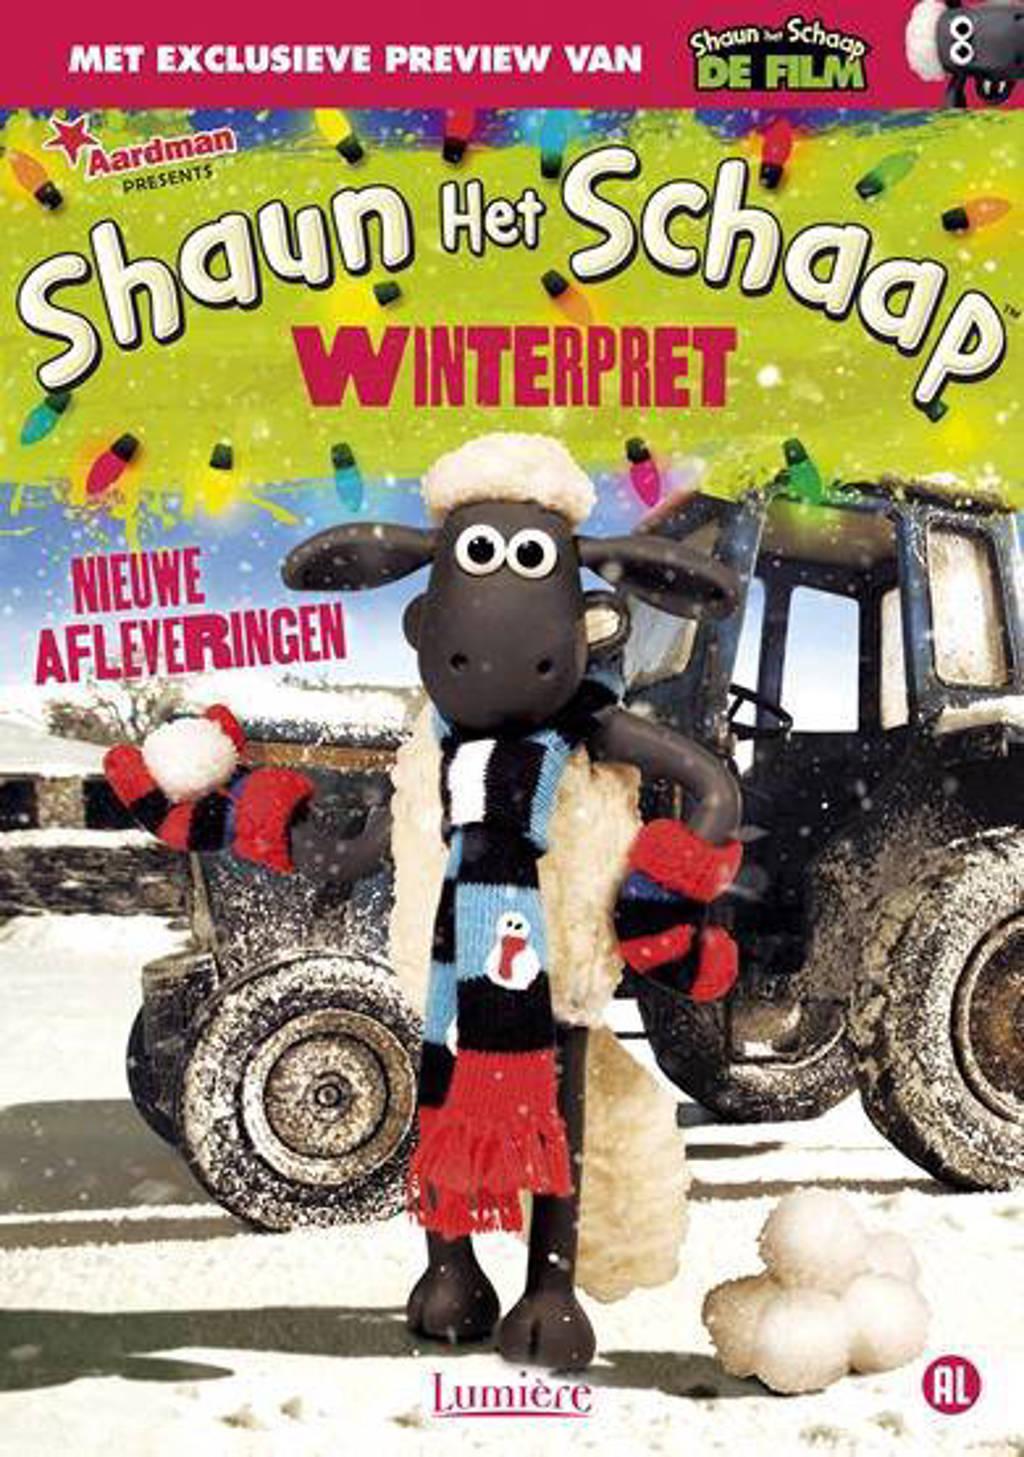 Shaun het schaap - Winterpret (DVD)